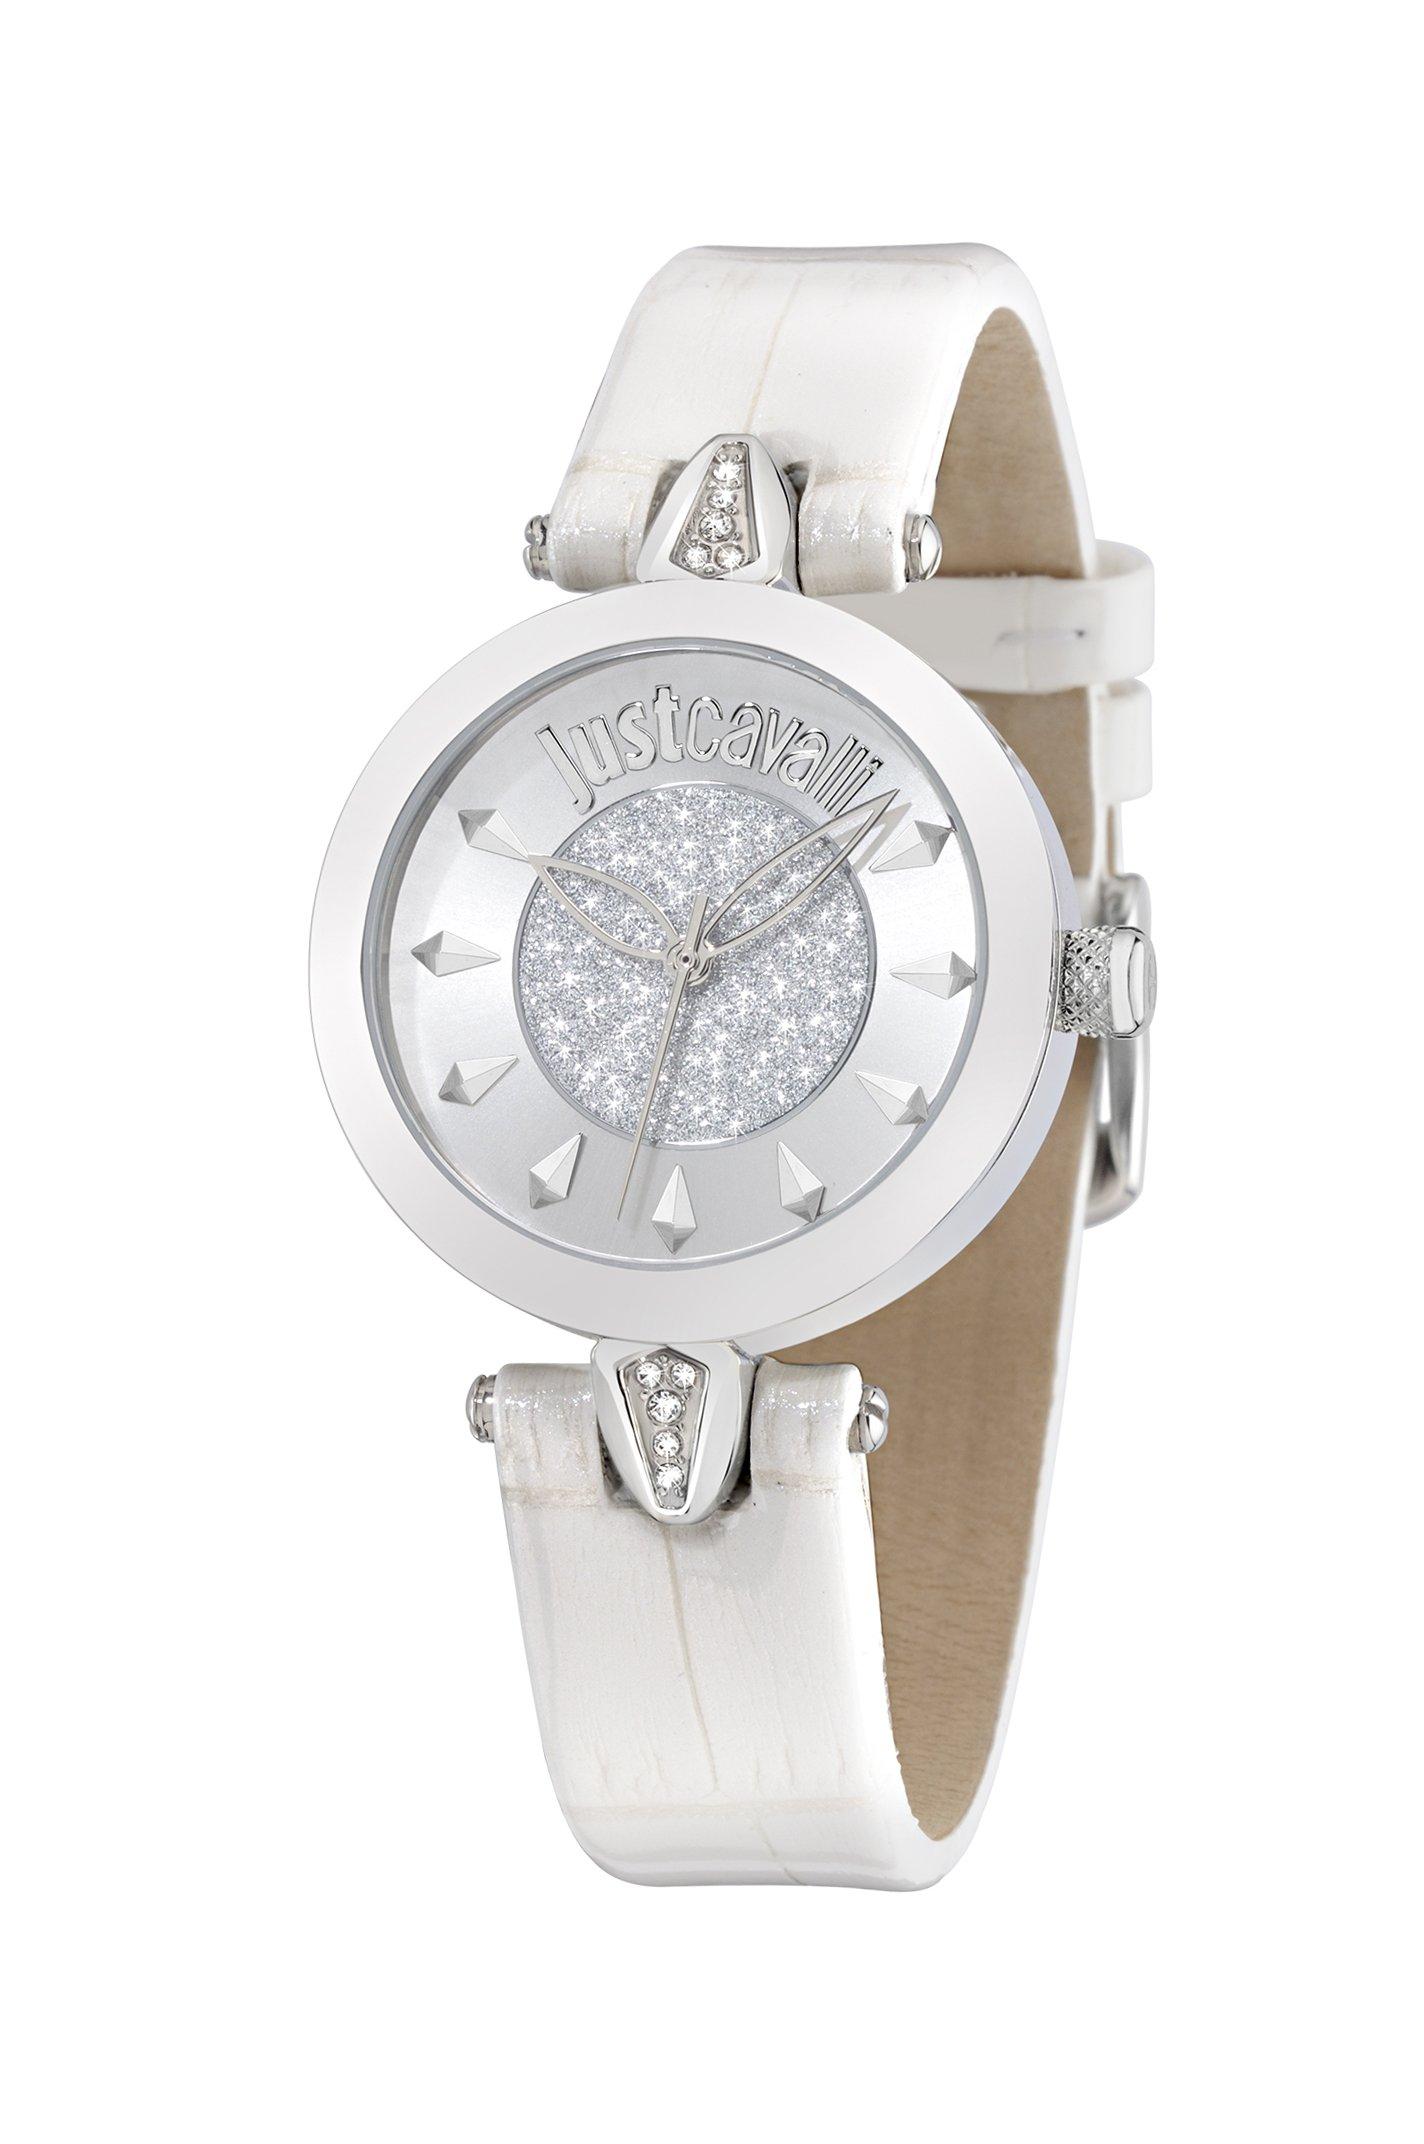 Just Cavalli Time R7251149503 – Reloj Analógico Para Mujer, color Gris/Blanco